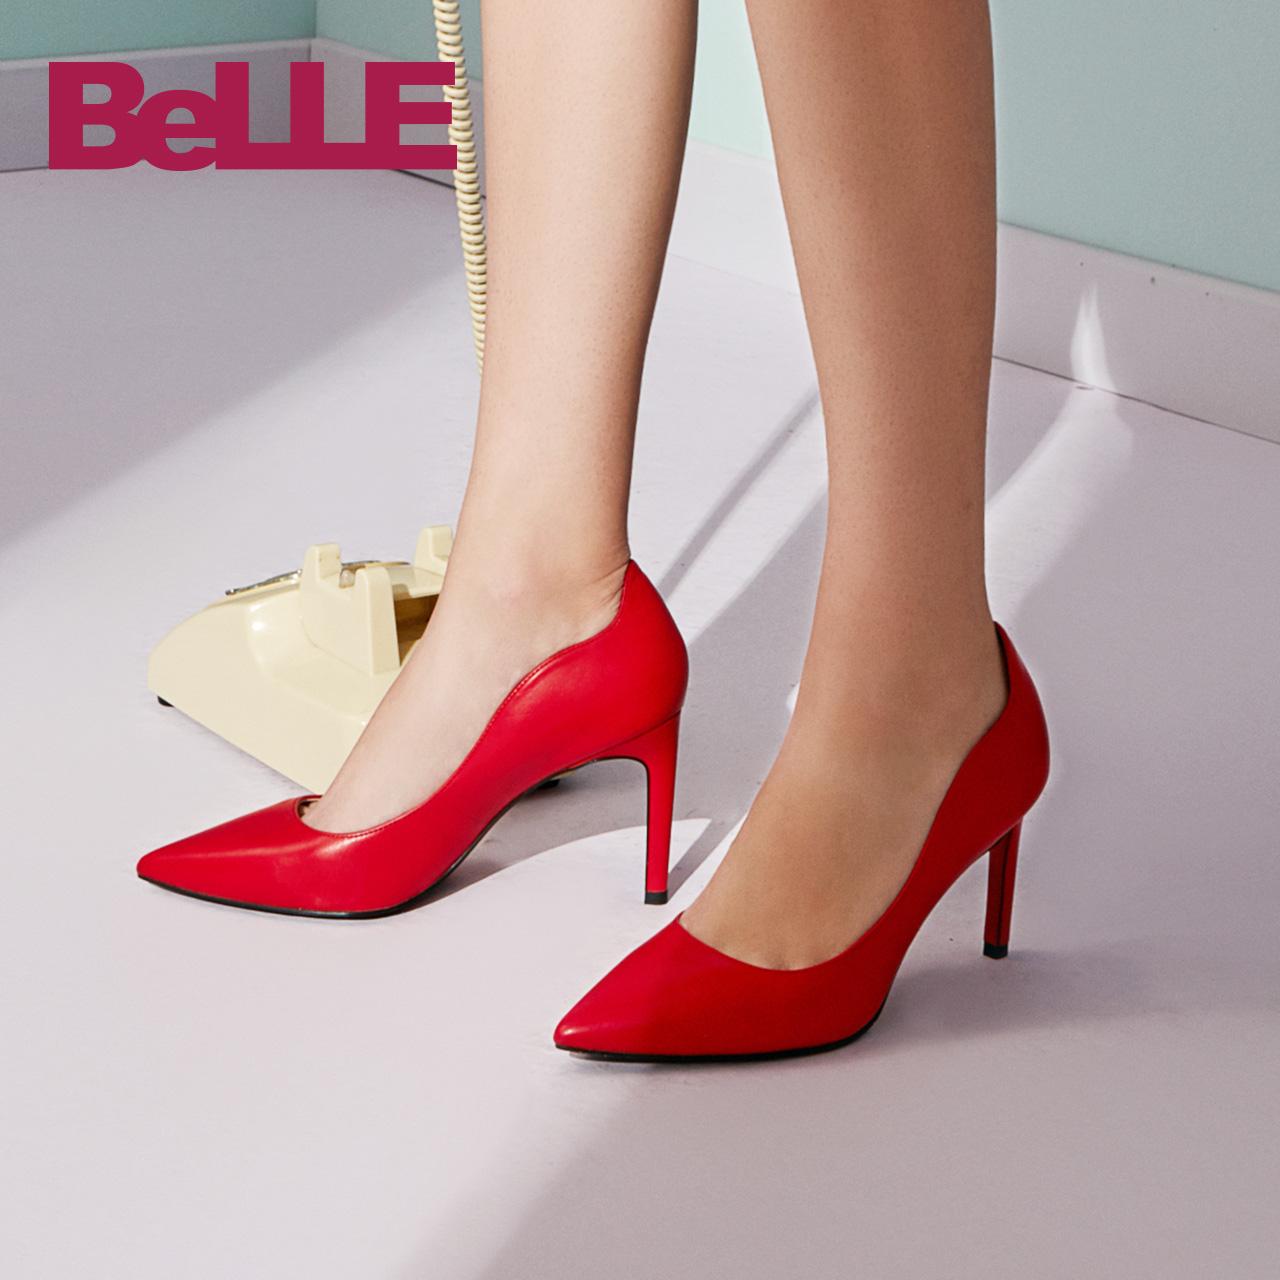 Belle-百丽单鞋2018春新款商场同款牛皮浅口女皮鞋BOWB5AQ8